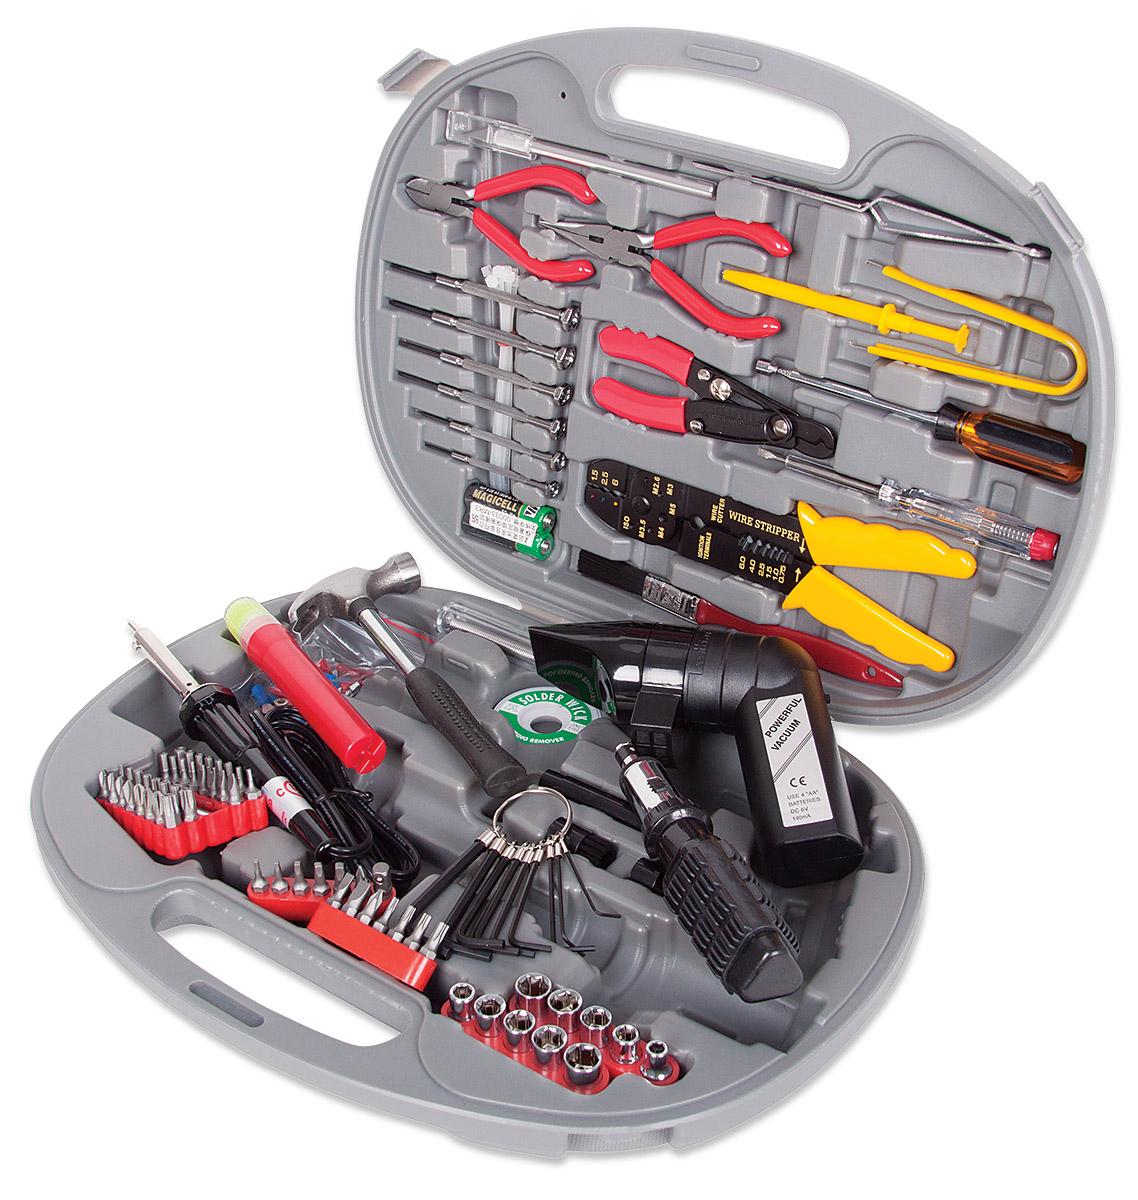 U145 Universal Tool Kit